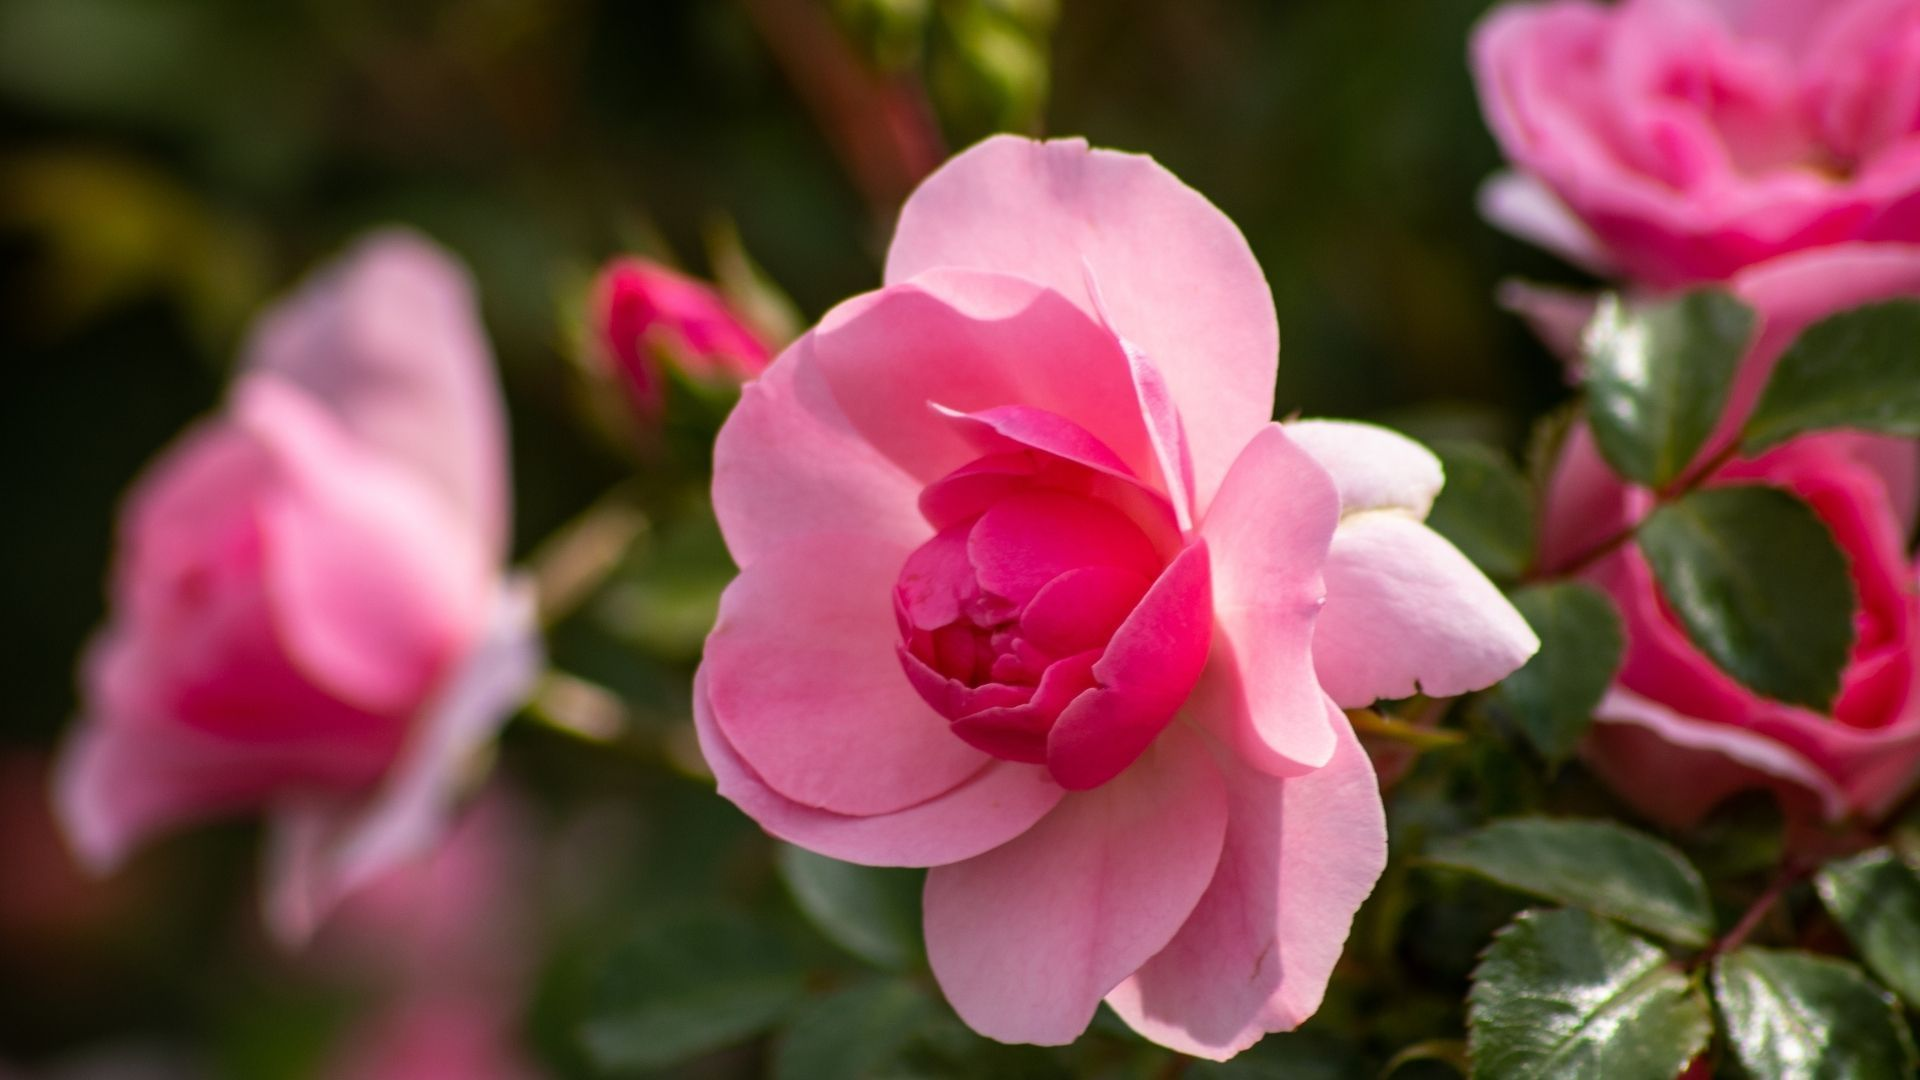 Câmeras de celular: registro de flor com uma lente macro (Foto: Shutterstock)